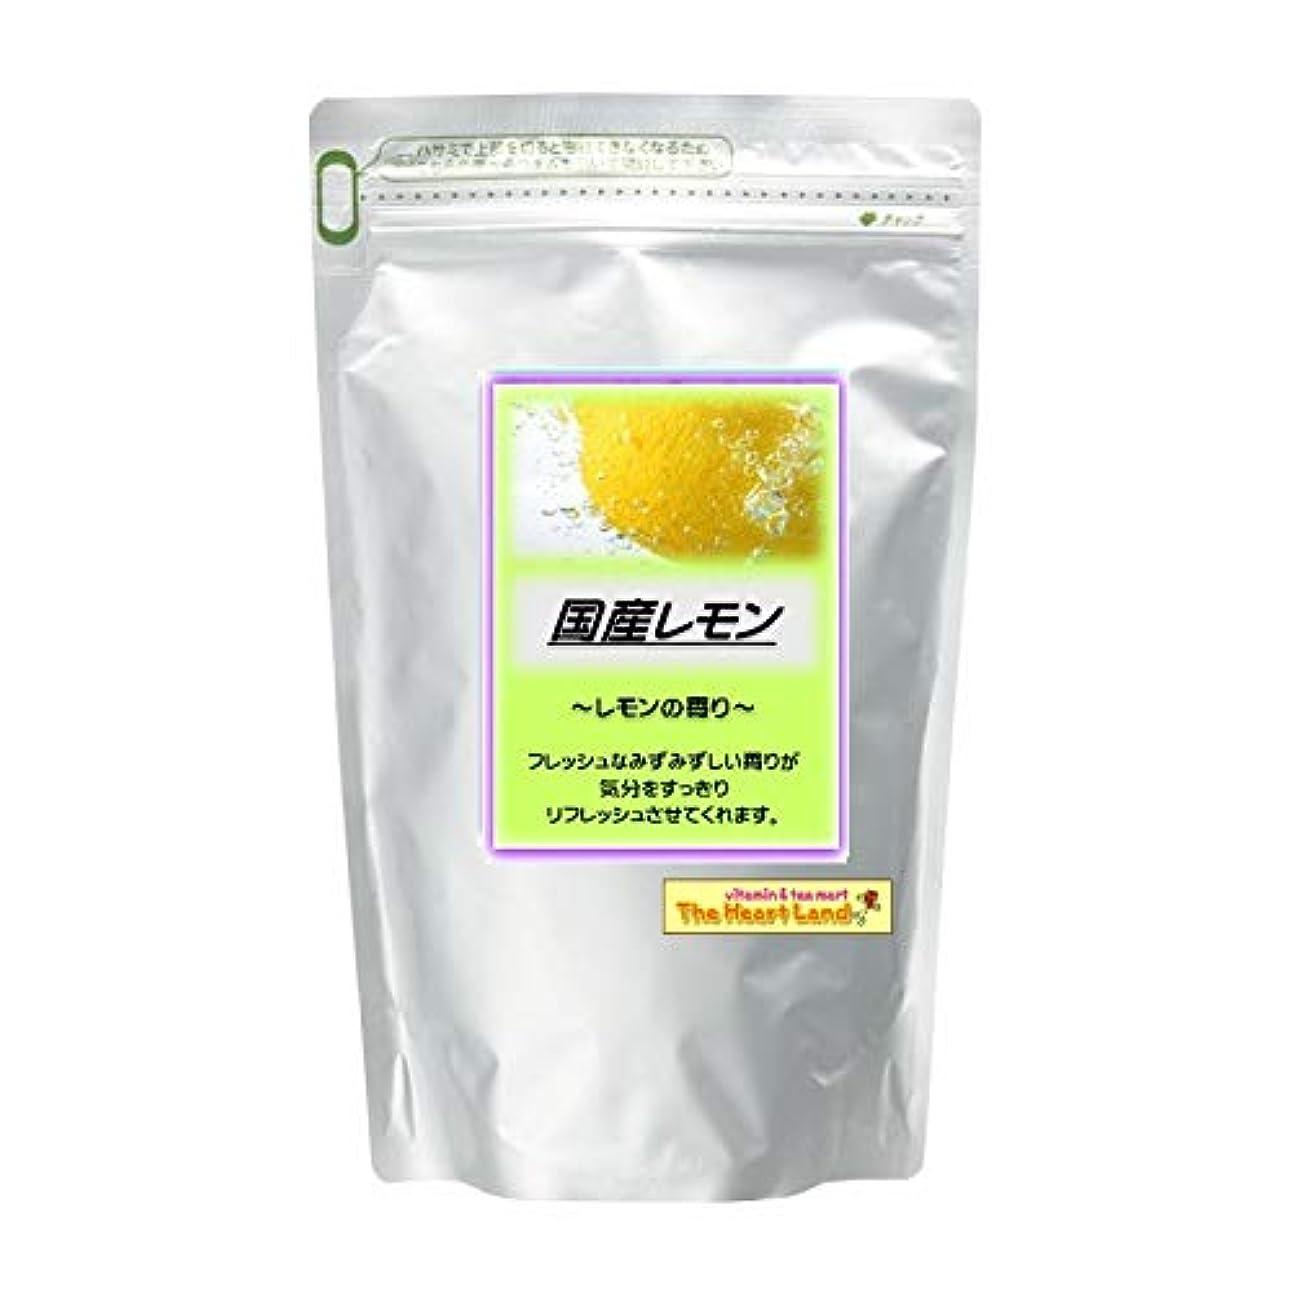 危険を冒します辞任消えるアサヒ入浴剤 浴用入浴化粧品 国産レモン 300g